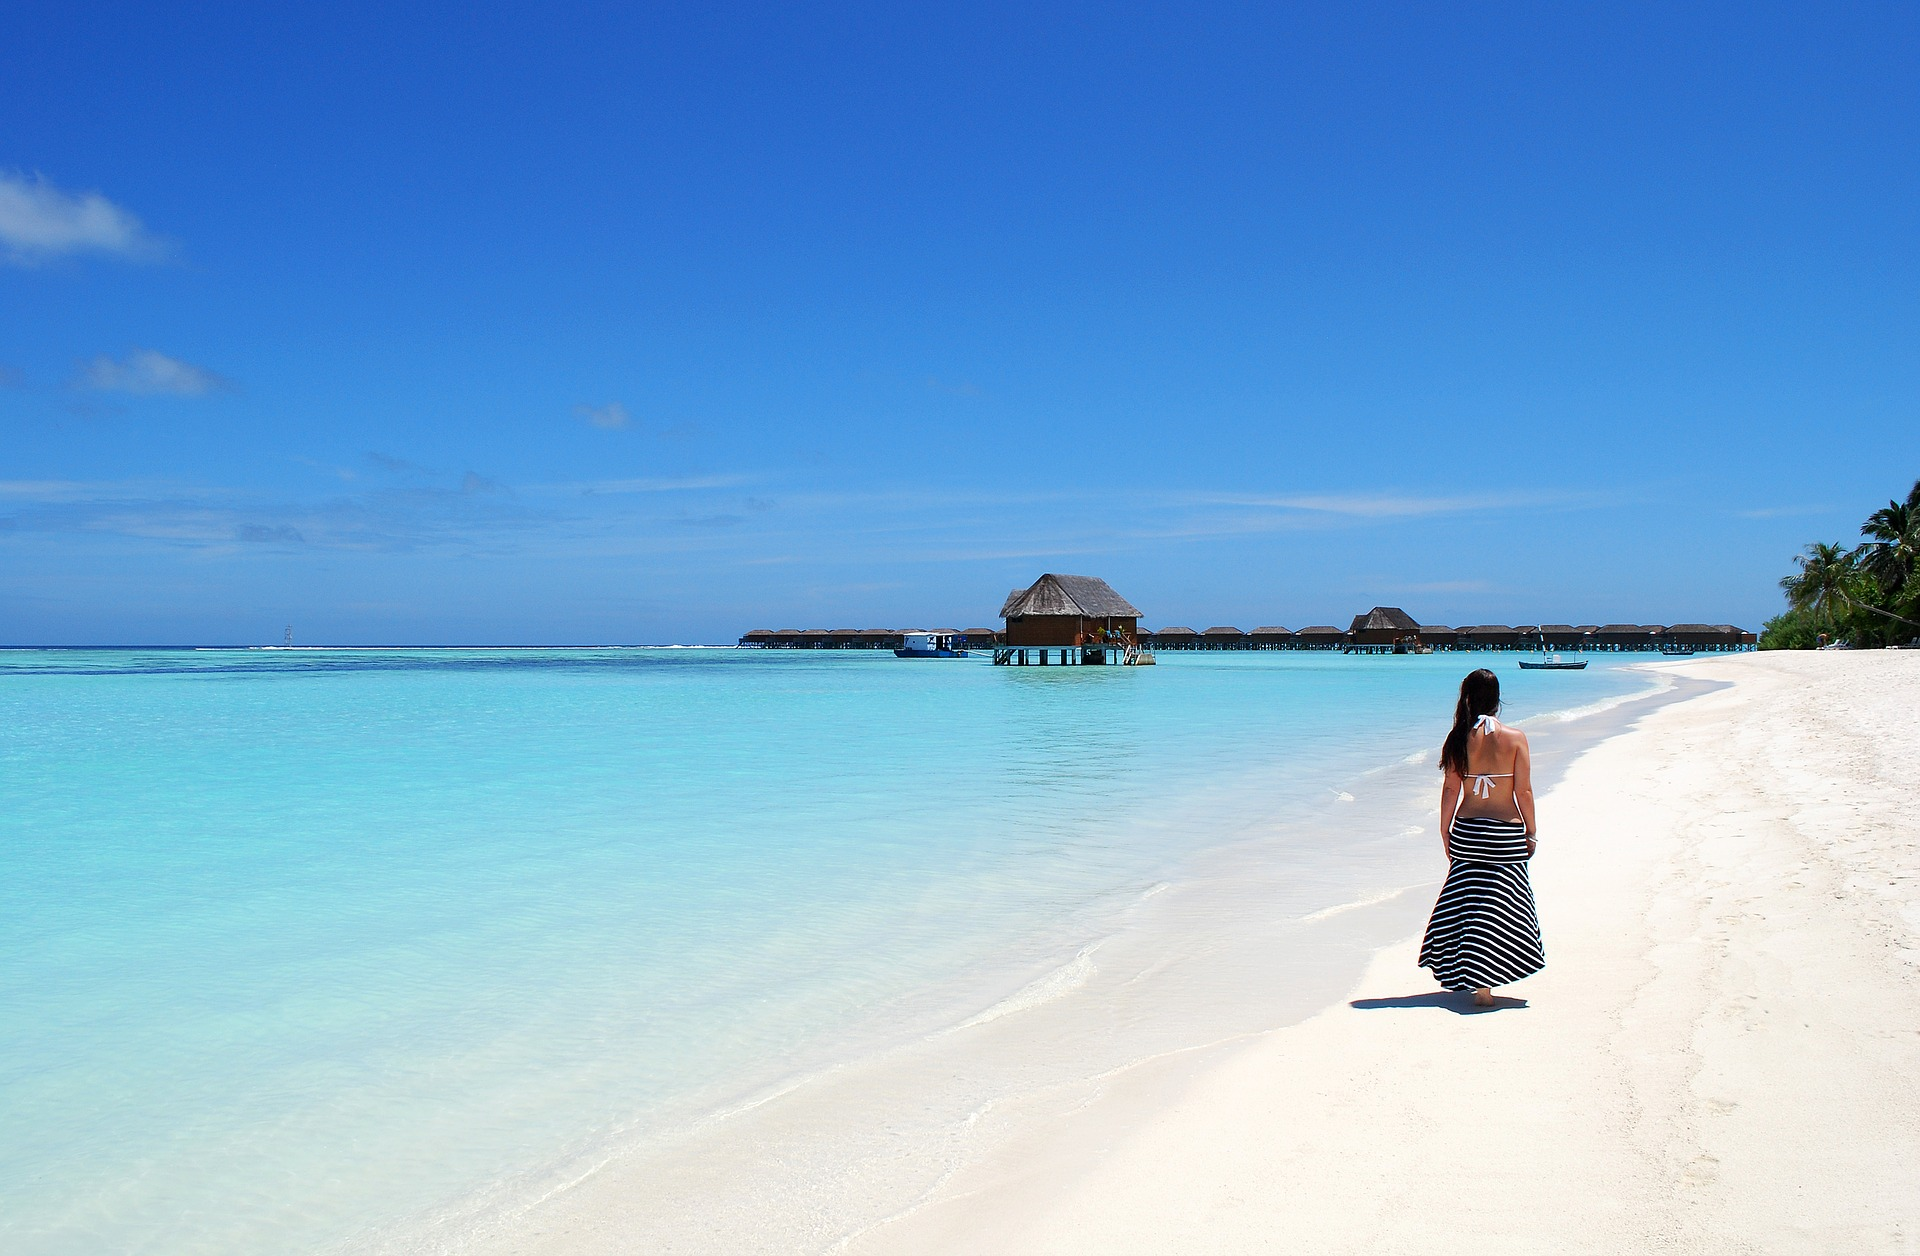 Komoren Urlaub ab 657,89€€ eine Woche - Hotel ab 19,07€ die Nacht